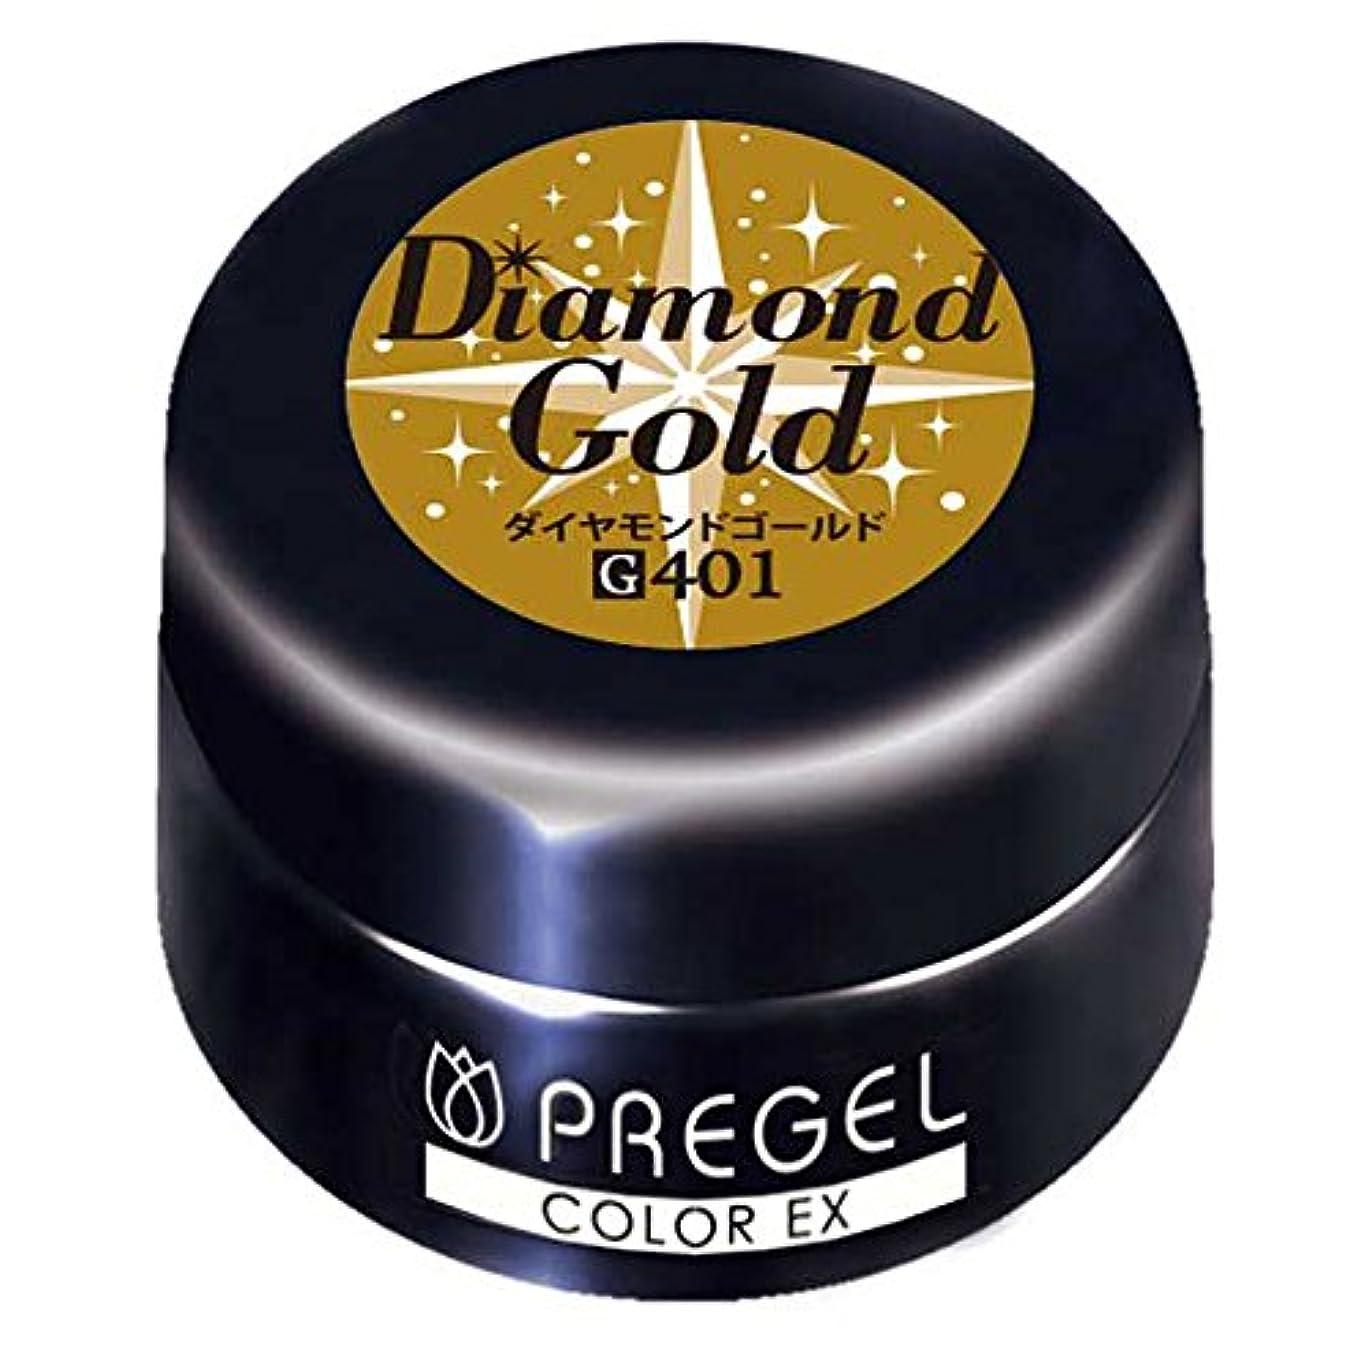 ファブリック東方シティPRE GEL カラーEX ダイヤモンドゴールドCE401 UV/LED対応 カラージェル